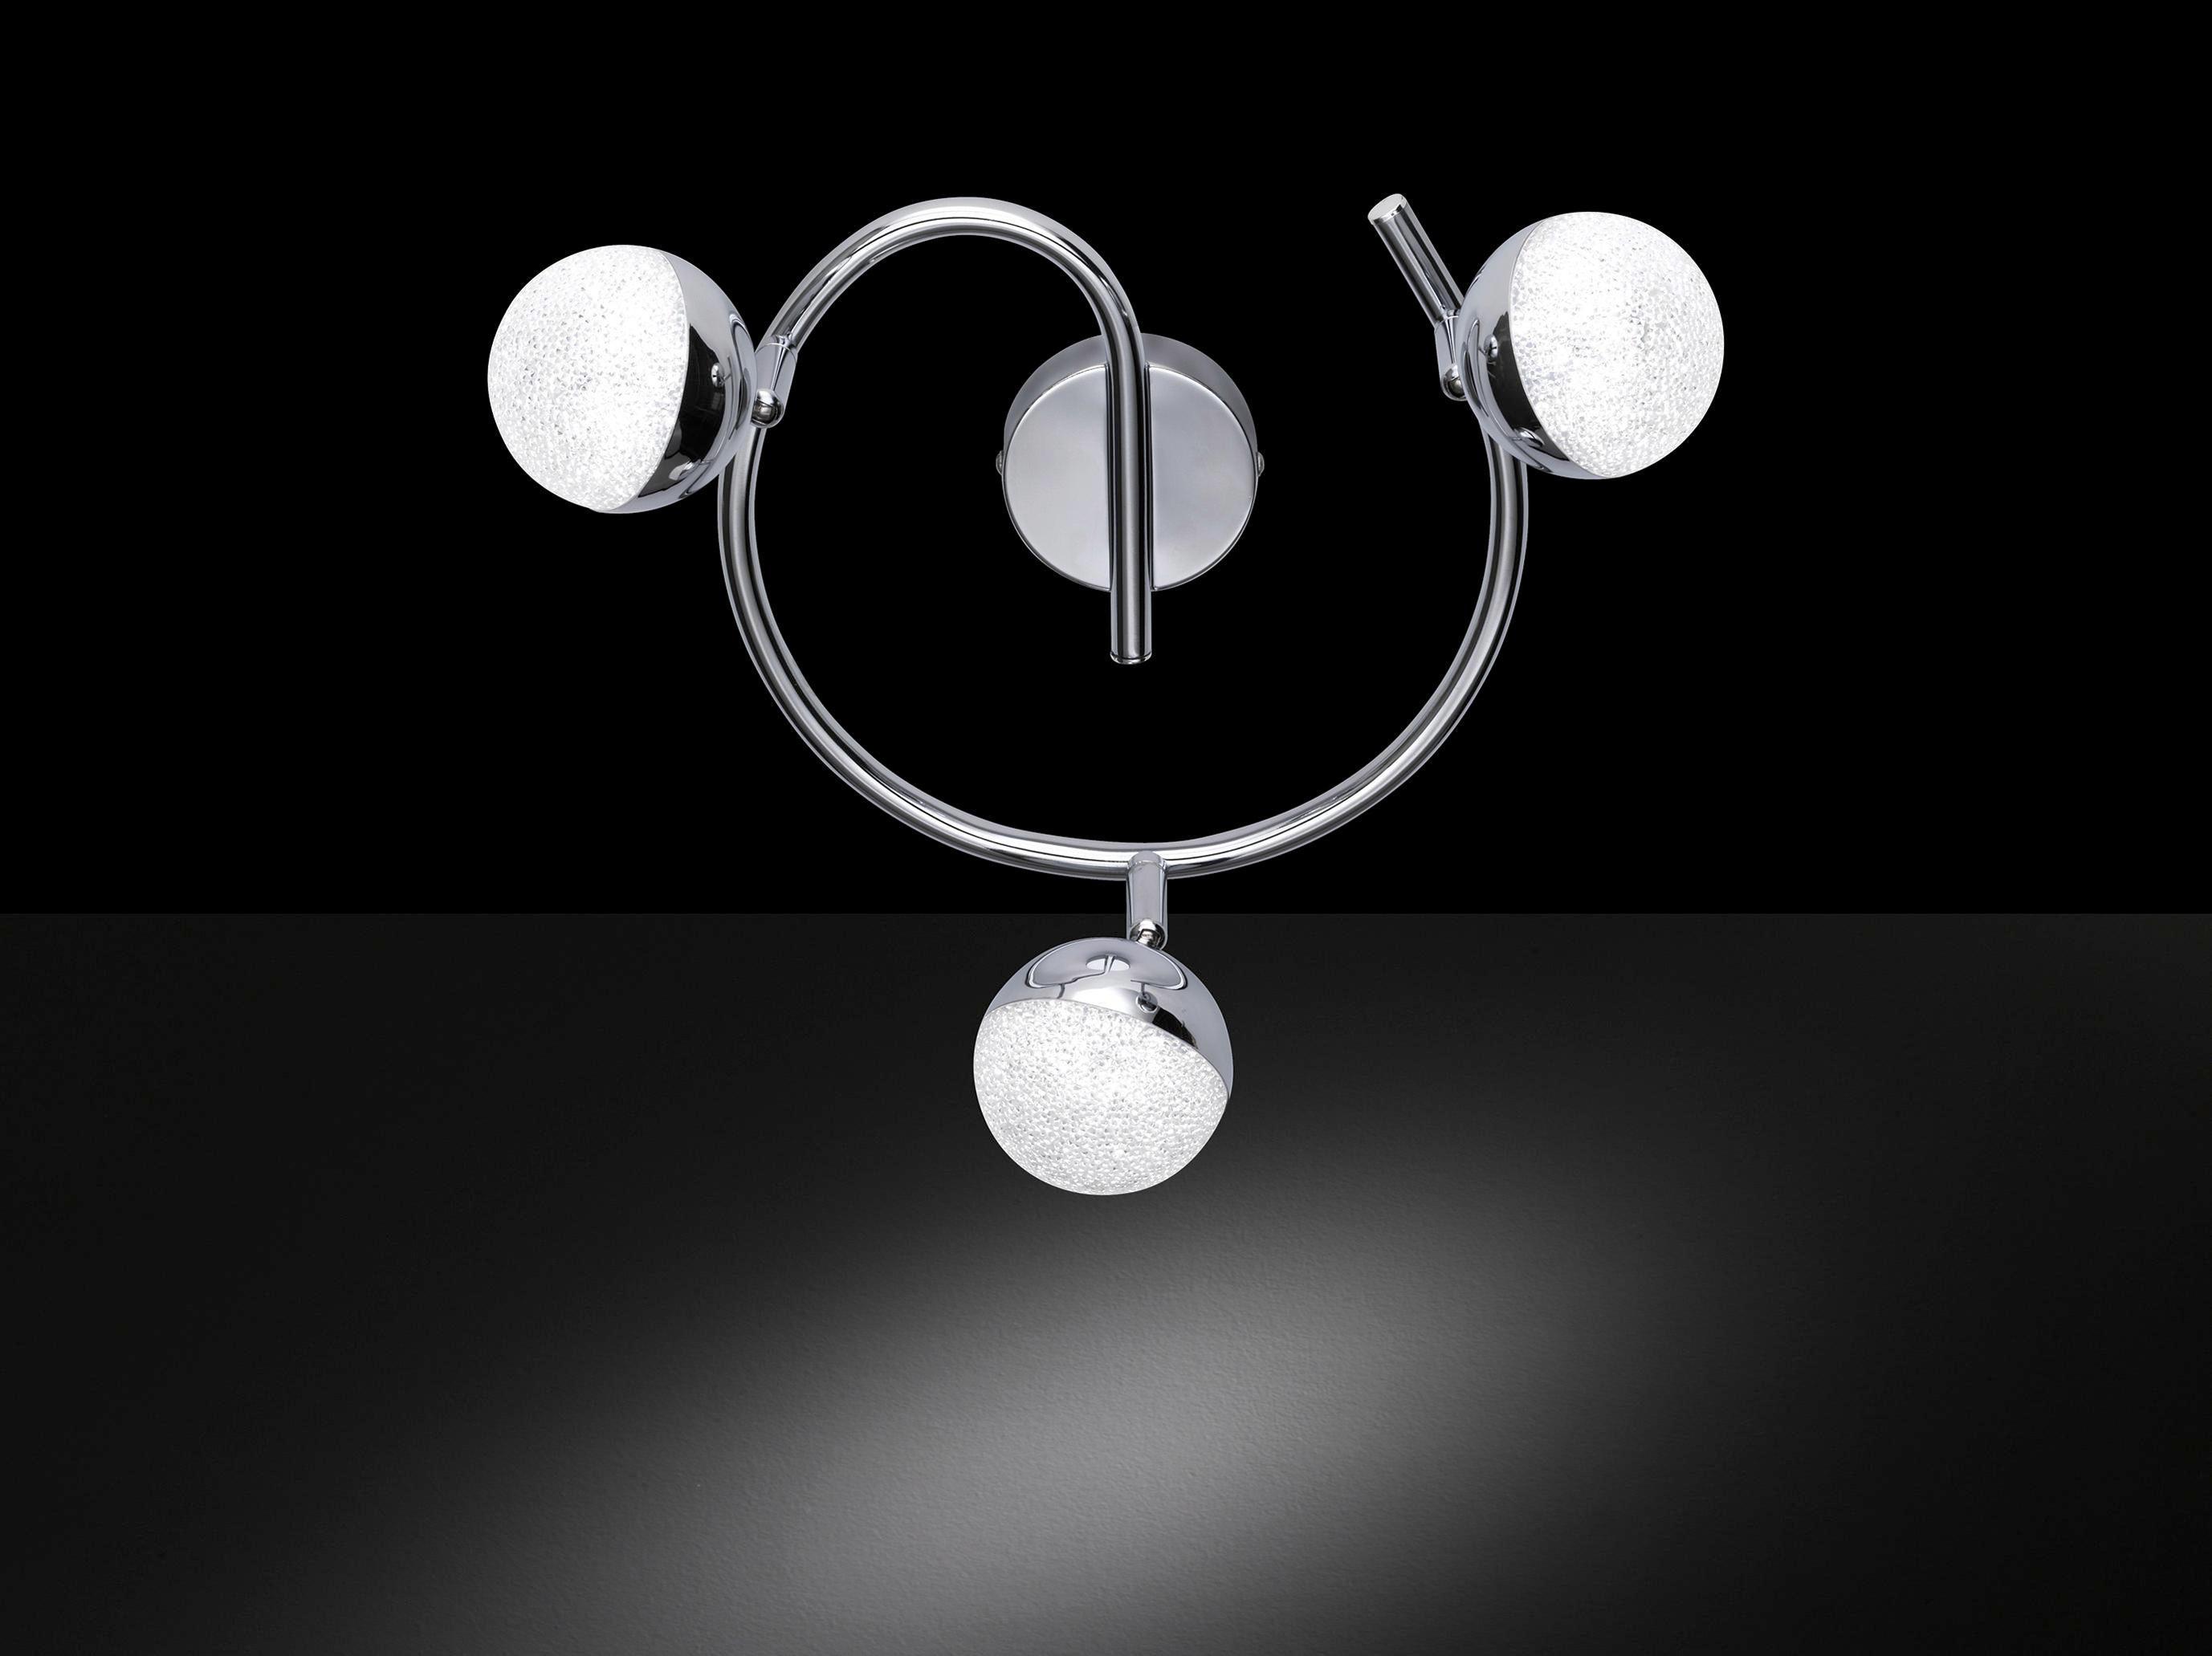 LED-SPOT - kromfärg, Lifestyle, metall/plast (27/27cm)